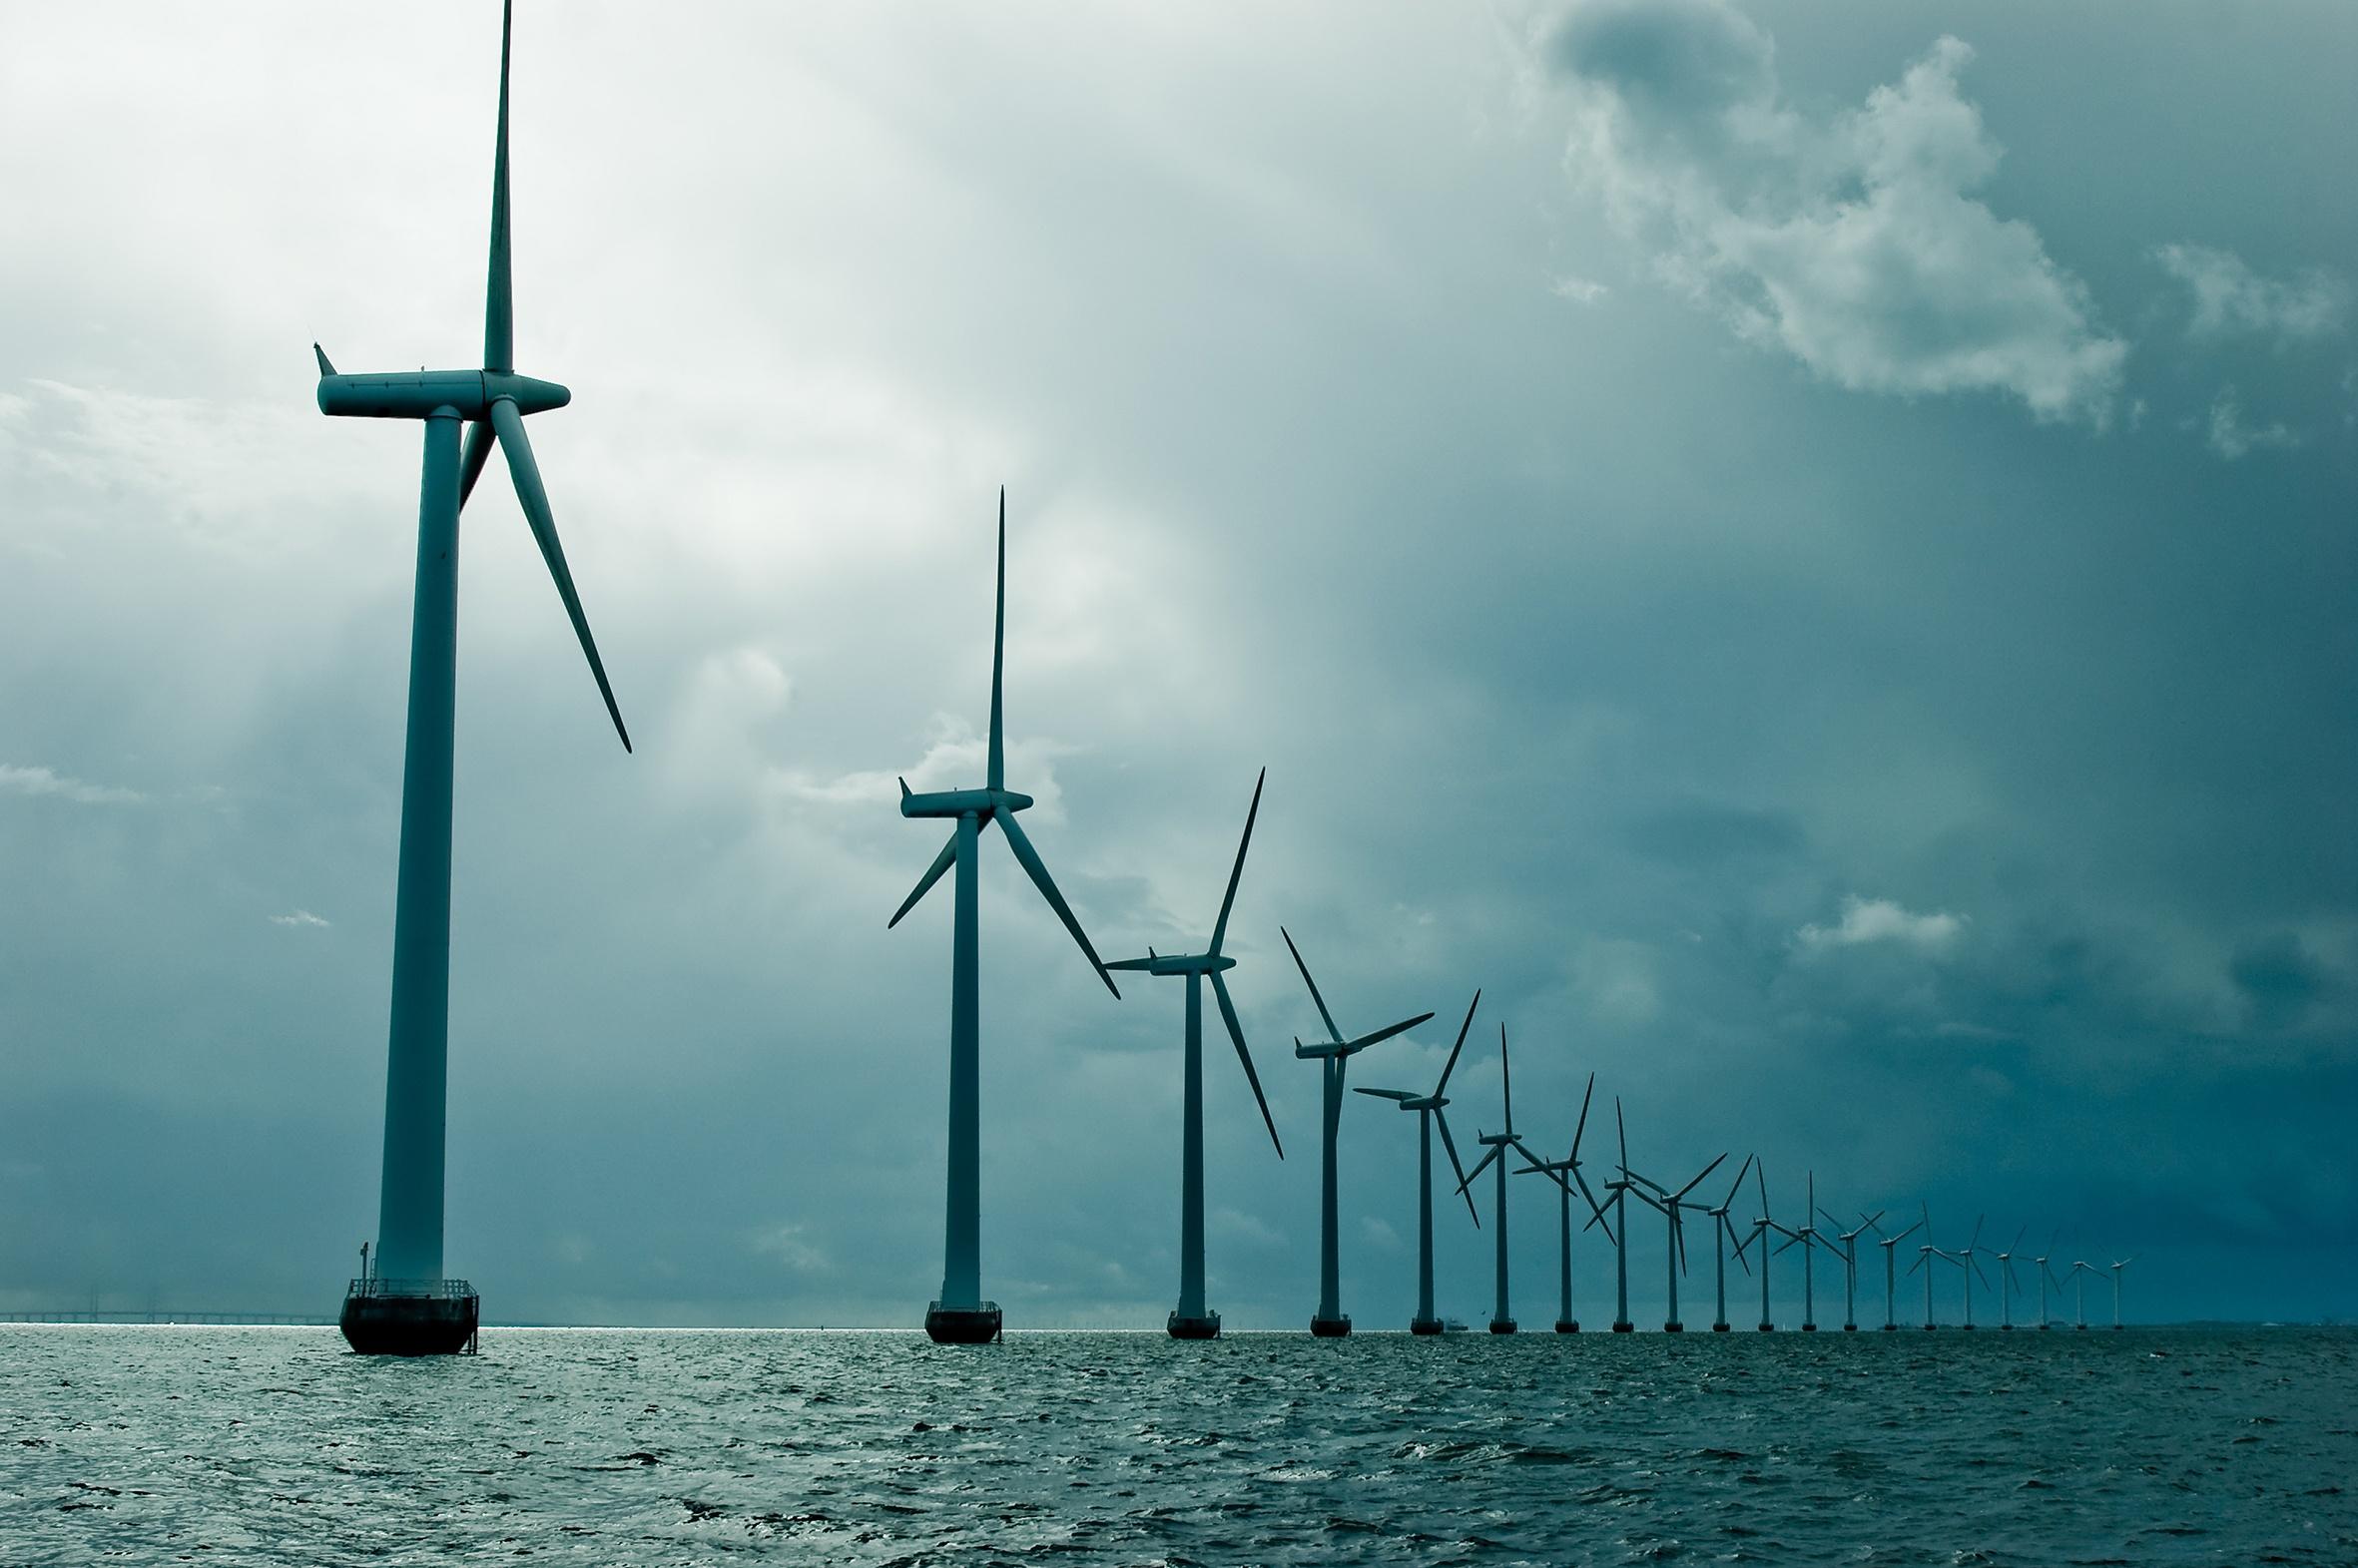 Windturbine Medium_44703712.jpg